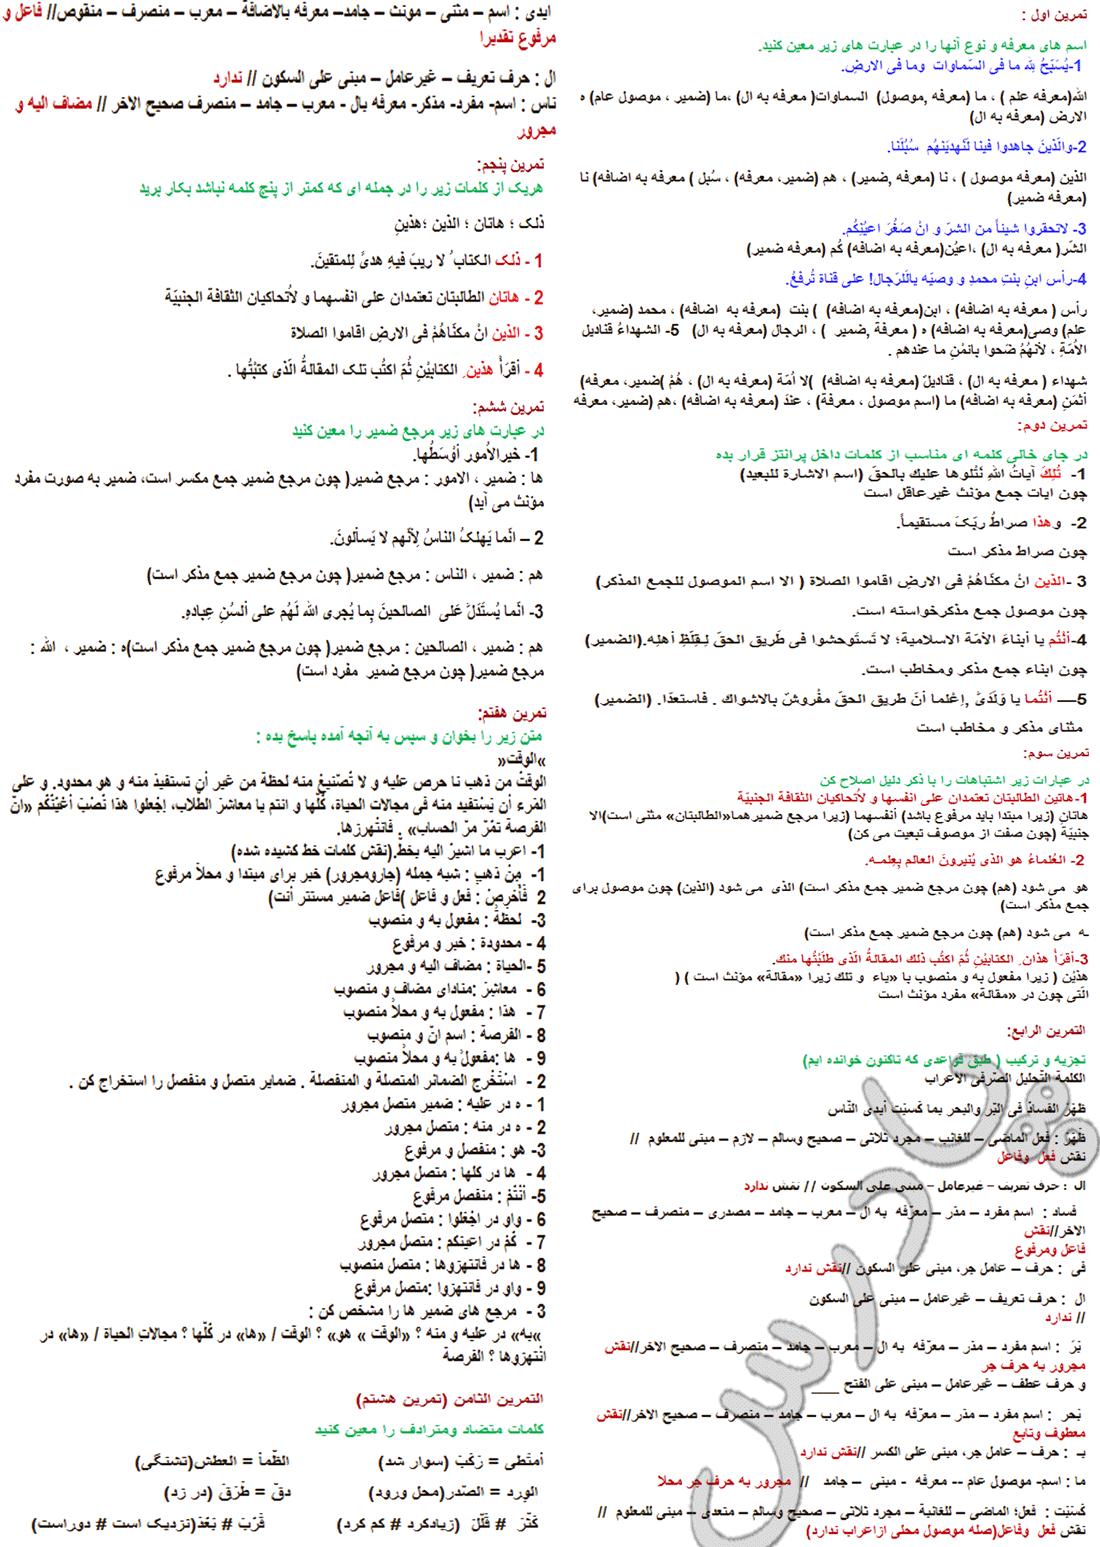 حل تمرینات درس 3 عربی پیش دانشگاهی انسانی